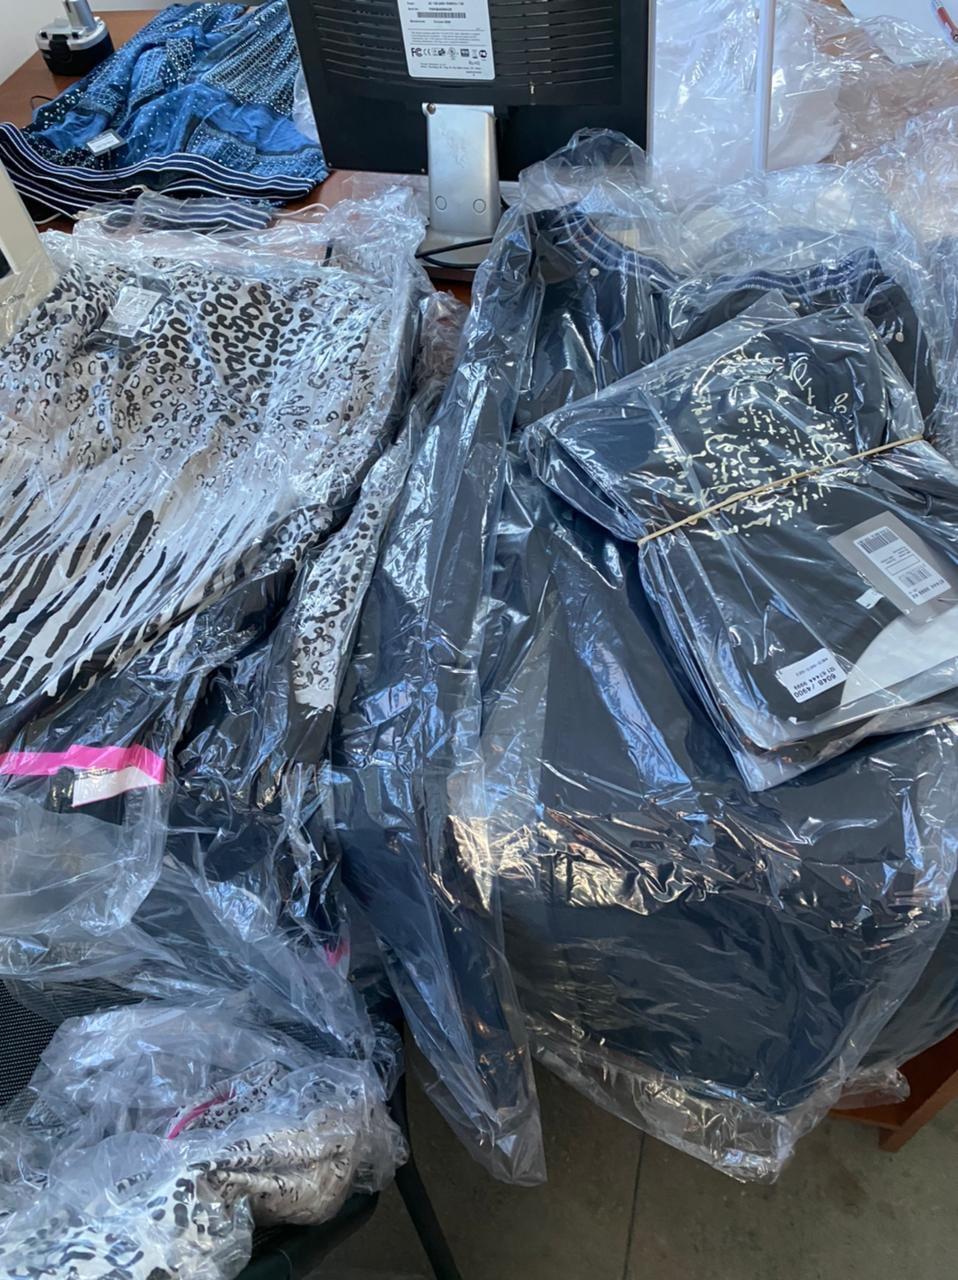 Закарпатські митники вилучили у водія автобуса незадекларовиний одяг на 400 тис. грн.